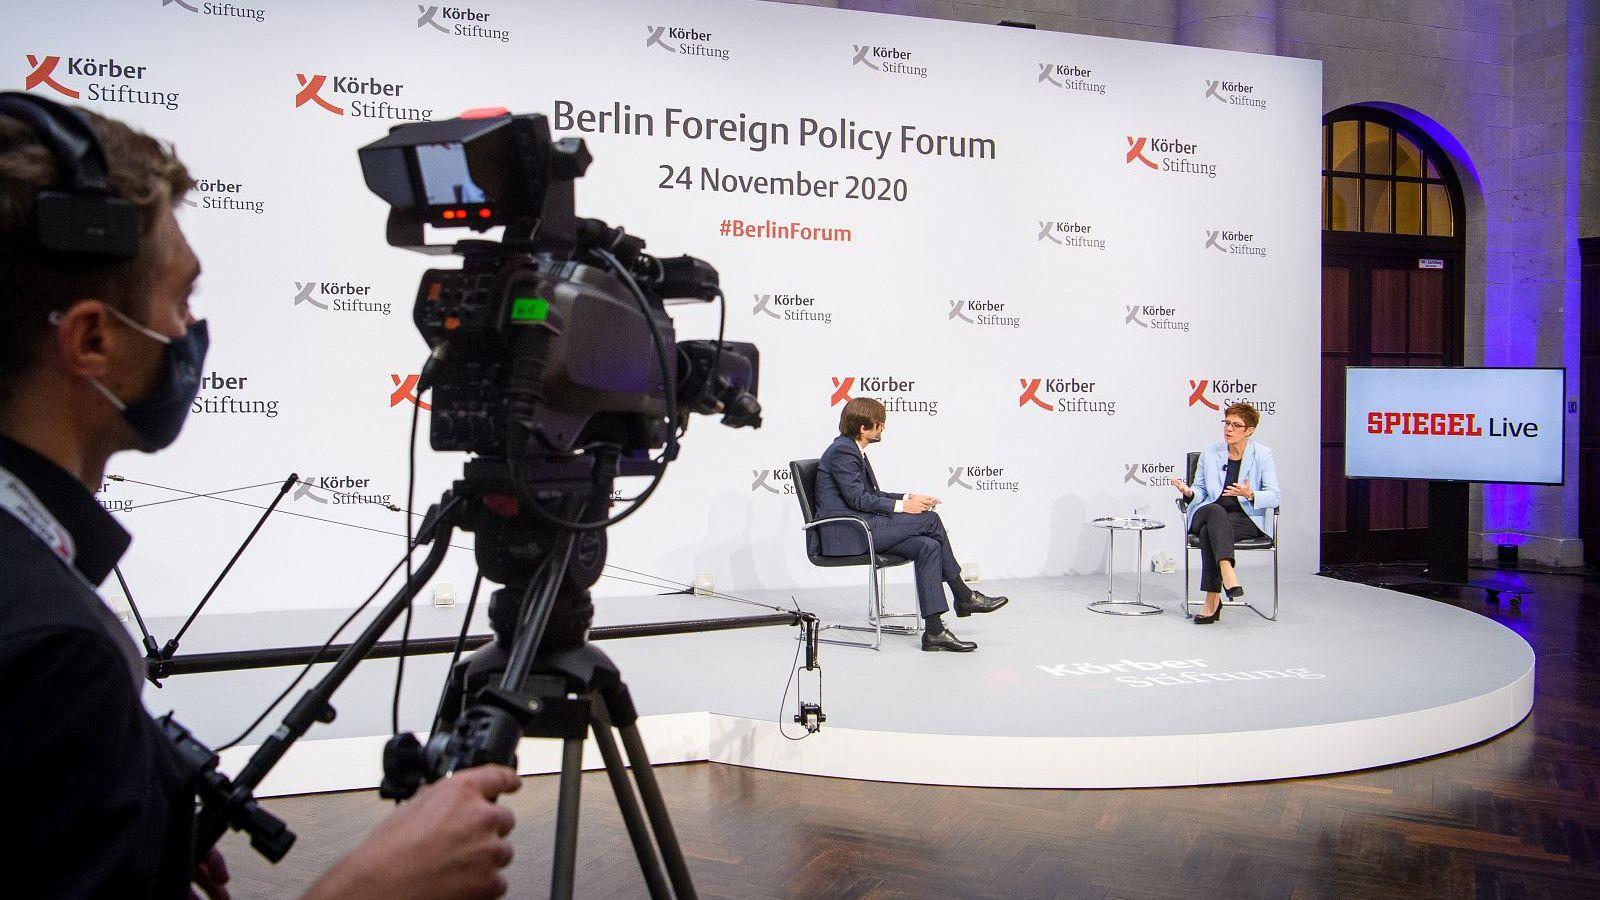 Interview mit Mathieu von Rohr, Leiter des Ressorts Ausland, DER SPIEGEL, und Annegret Kramp-Karrenbauer